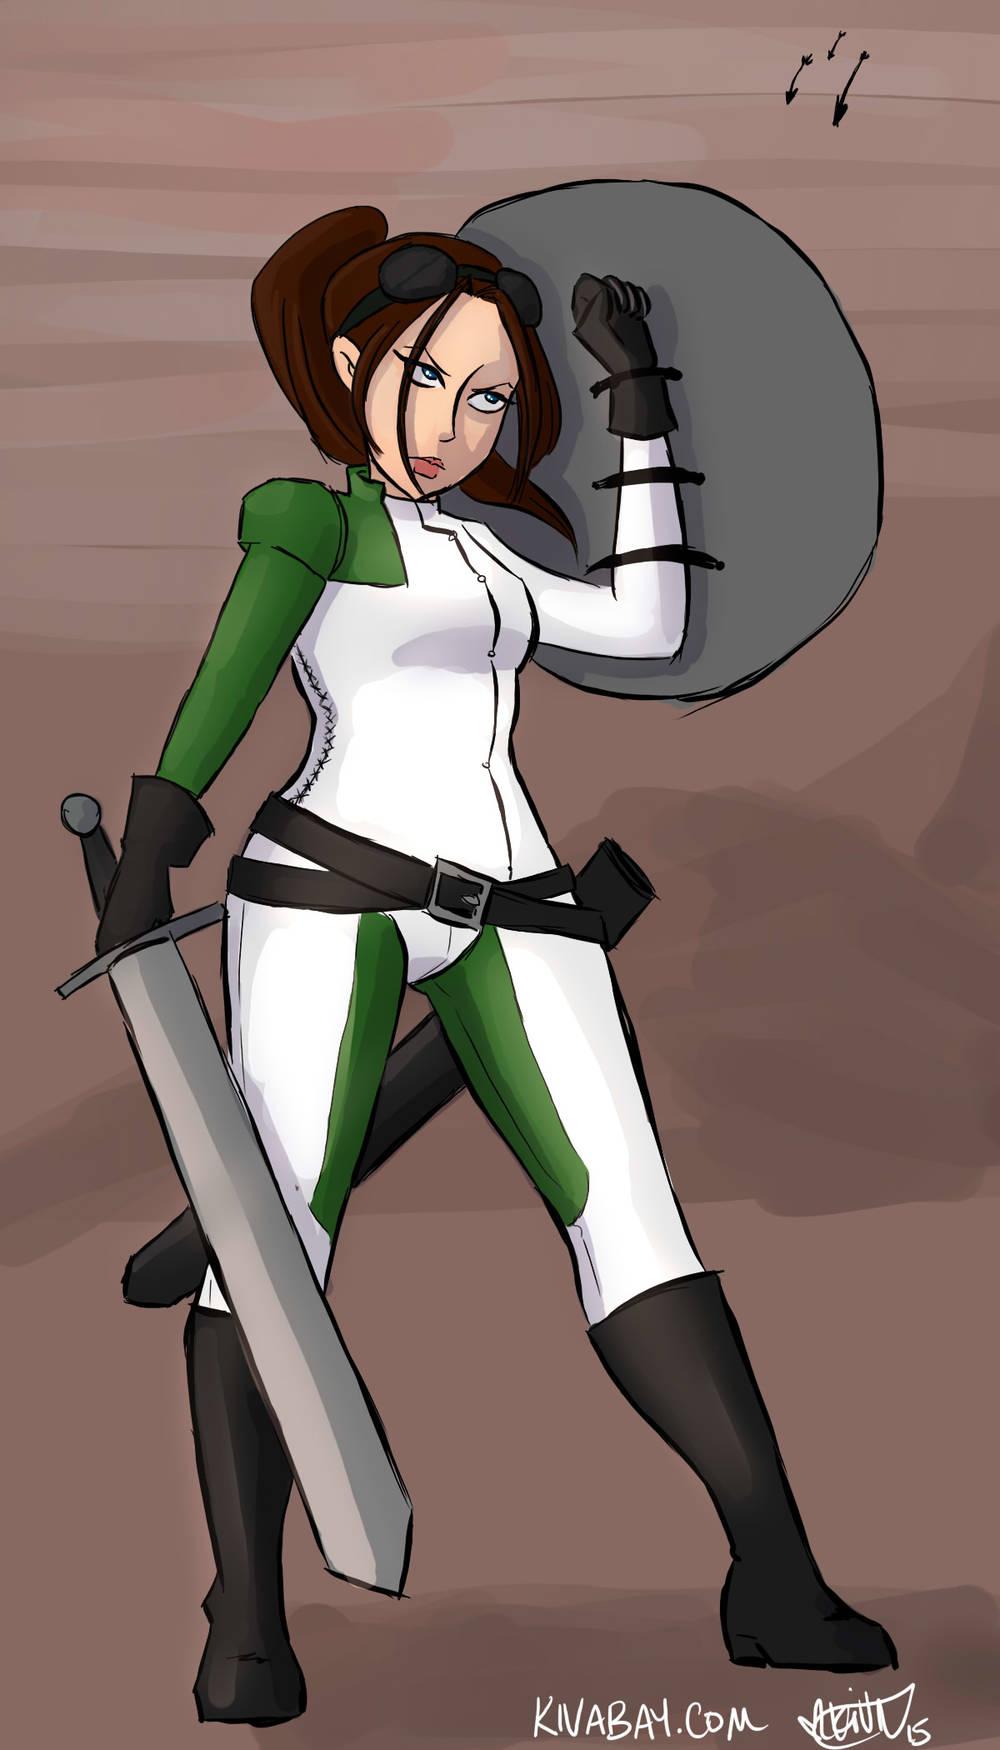 Brianna Wu in Revolution 60-inspired armor for #feministdeck